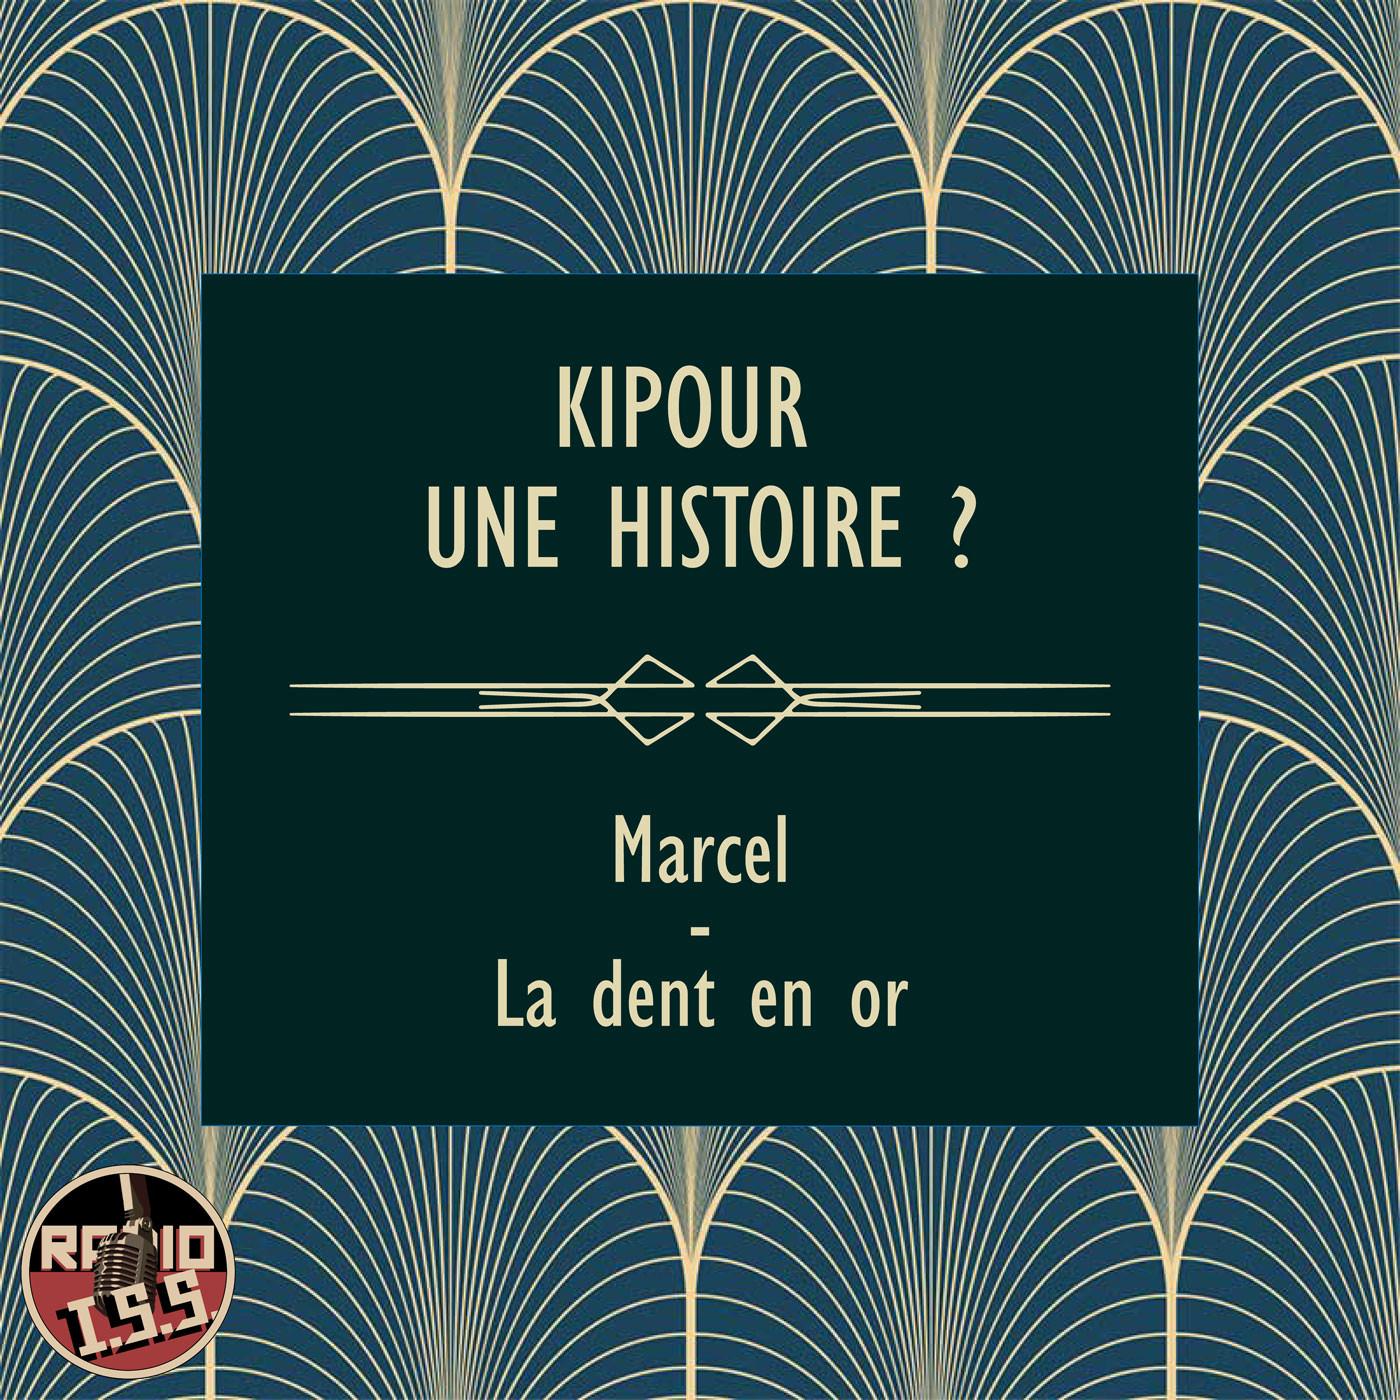 Kipour une histoire ? #1 : Marcel - La dent en or